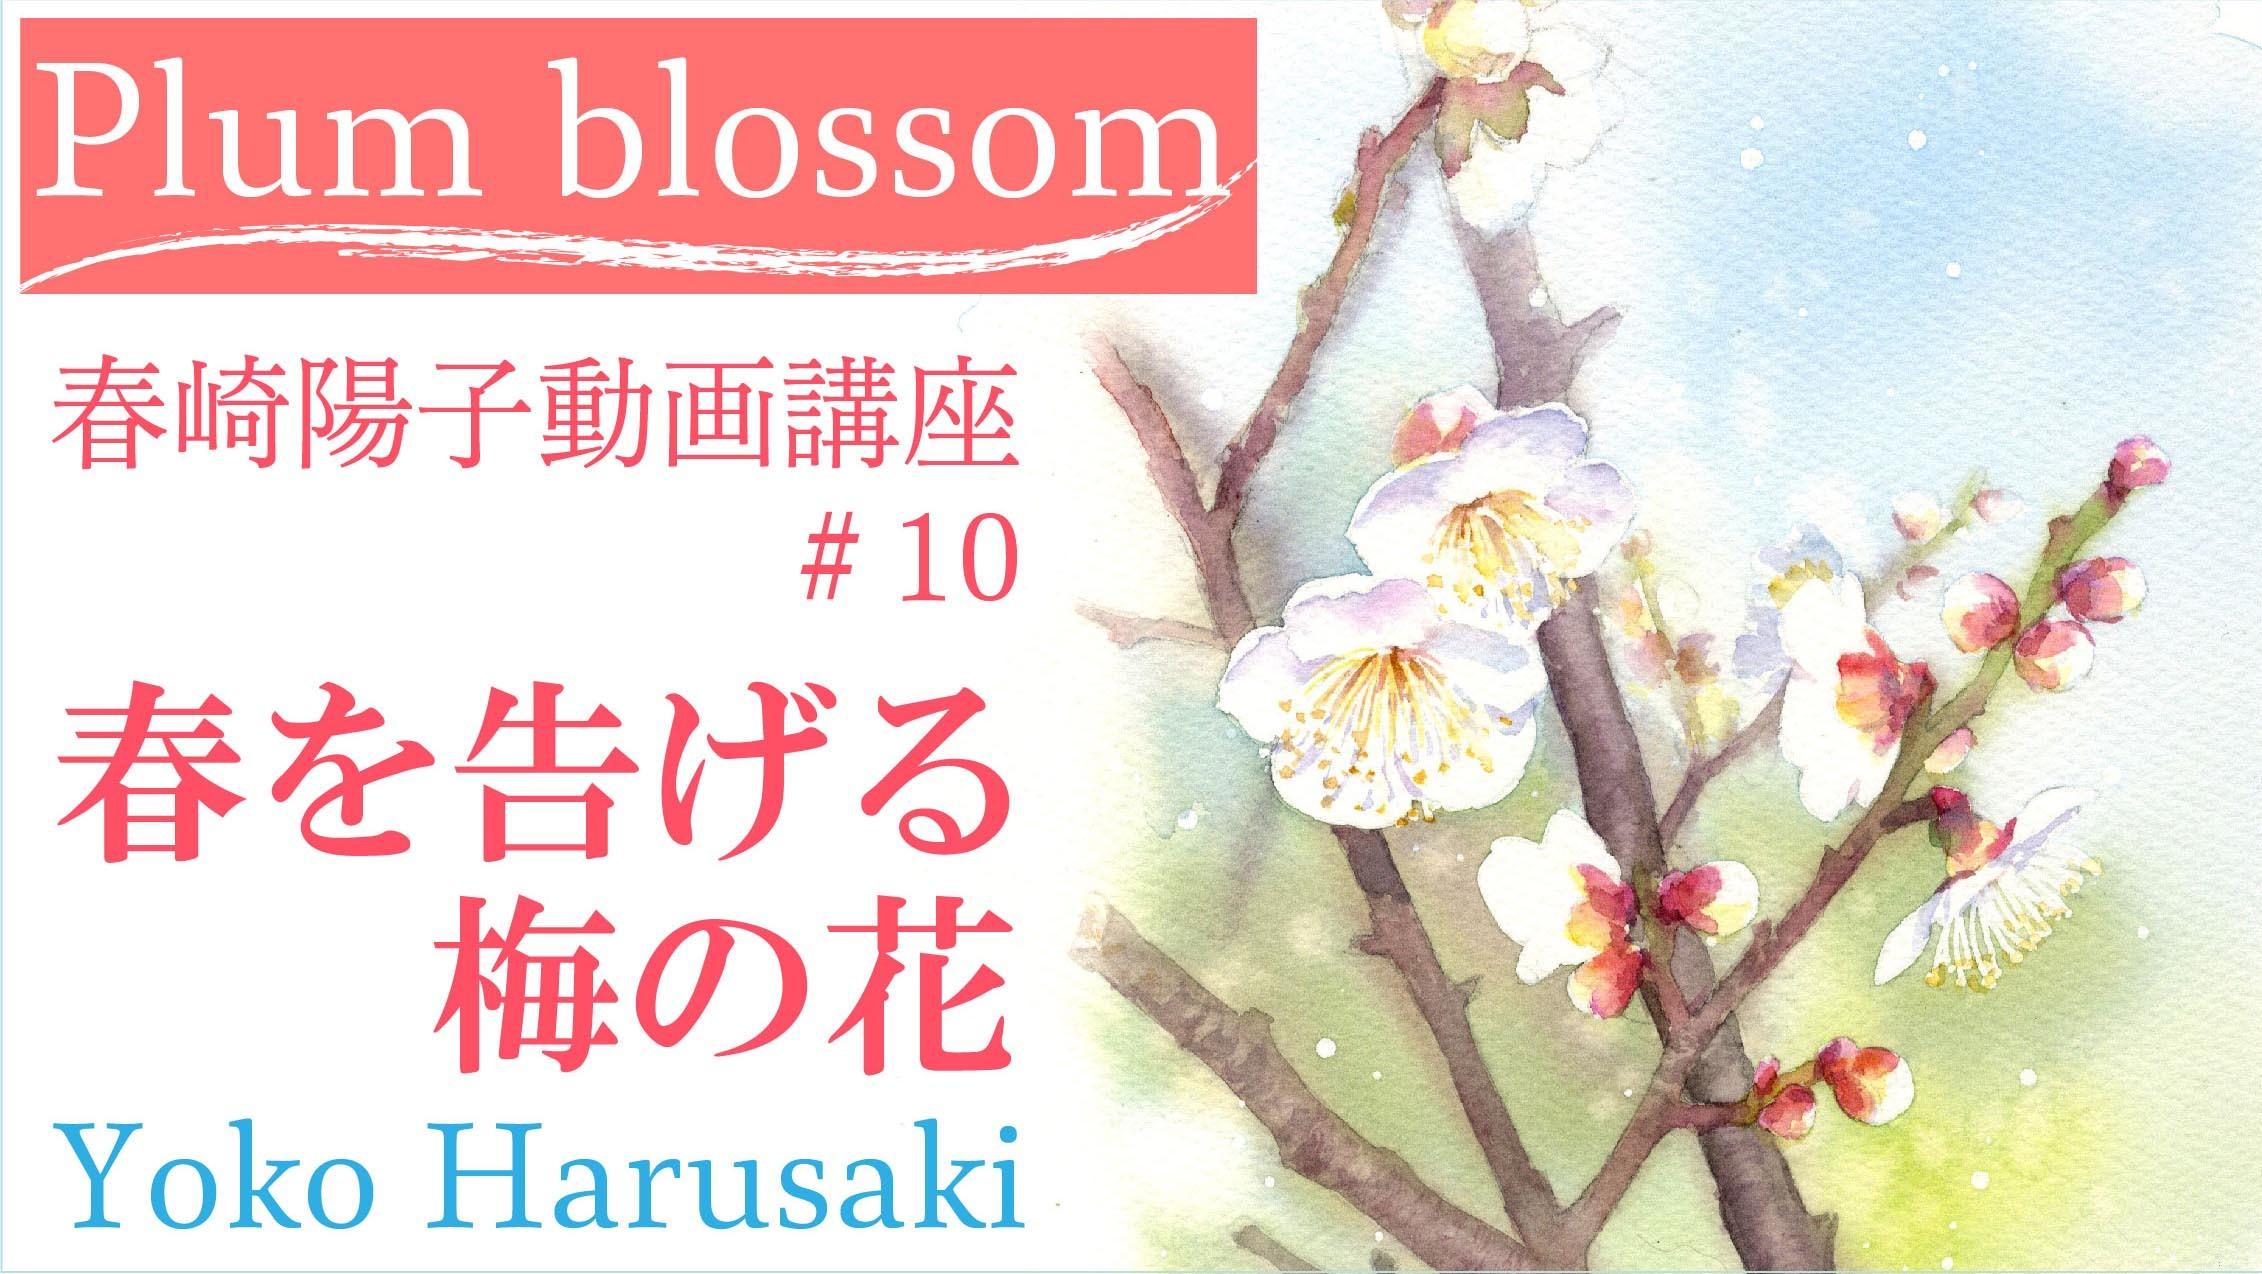 春崎陽子動画講座#10 「春を告げる梅の花」_f0176370_15540854.jpg